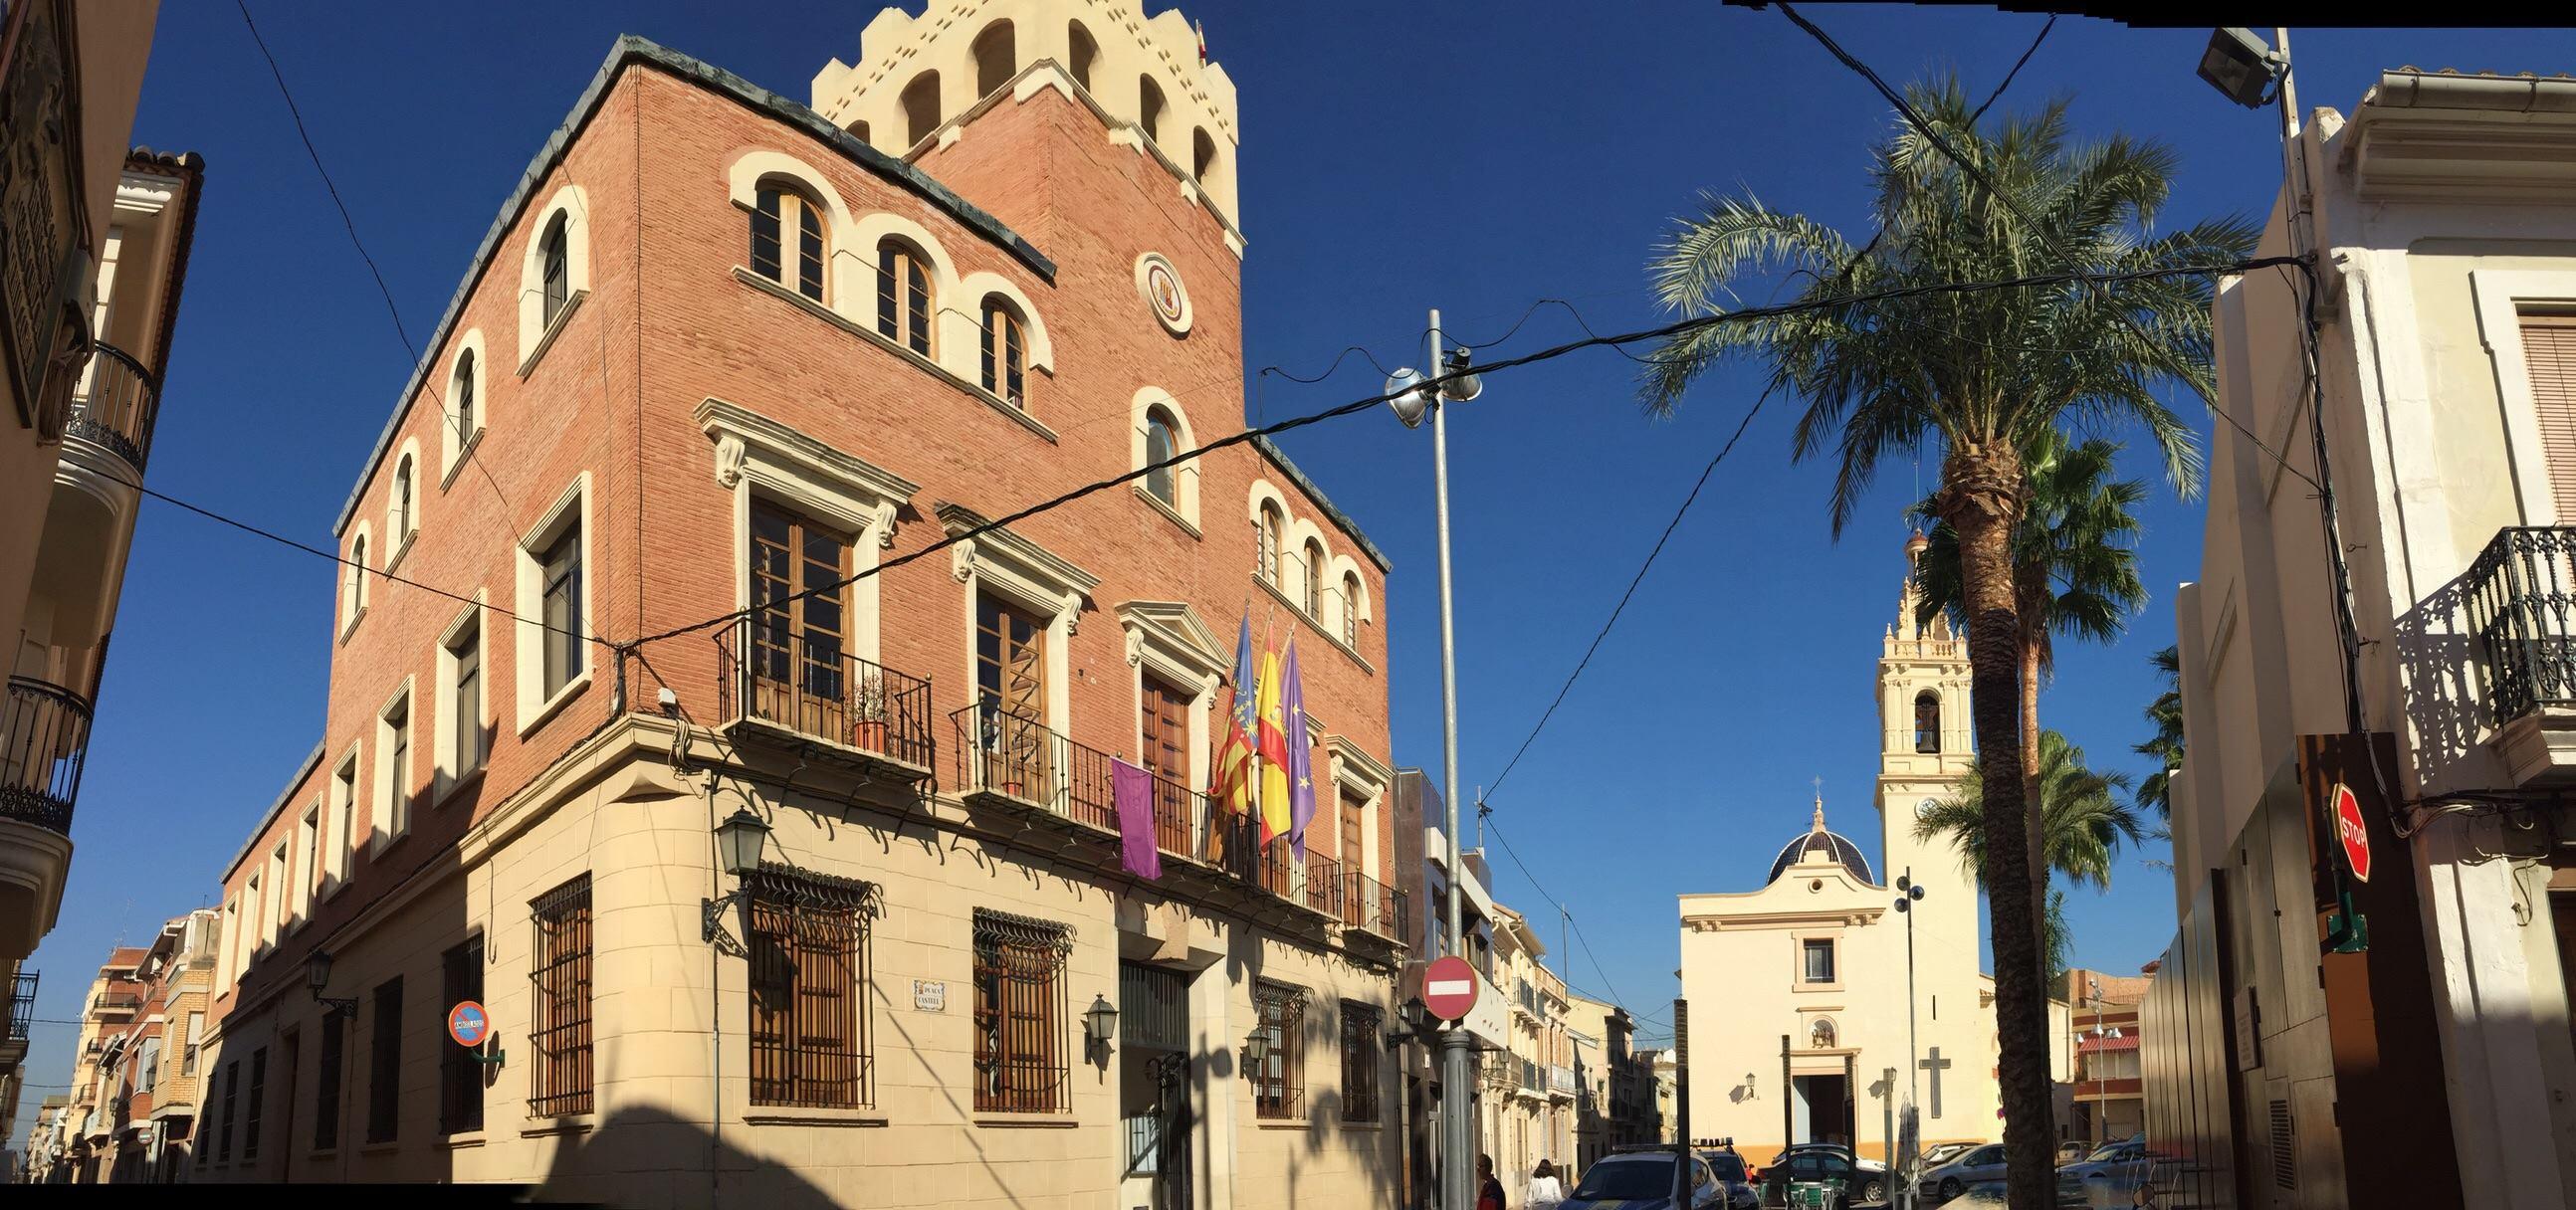 Programa de fiestas 2019 en Alcàsser: actos y horarios